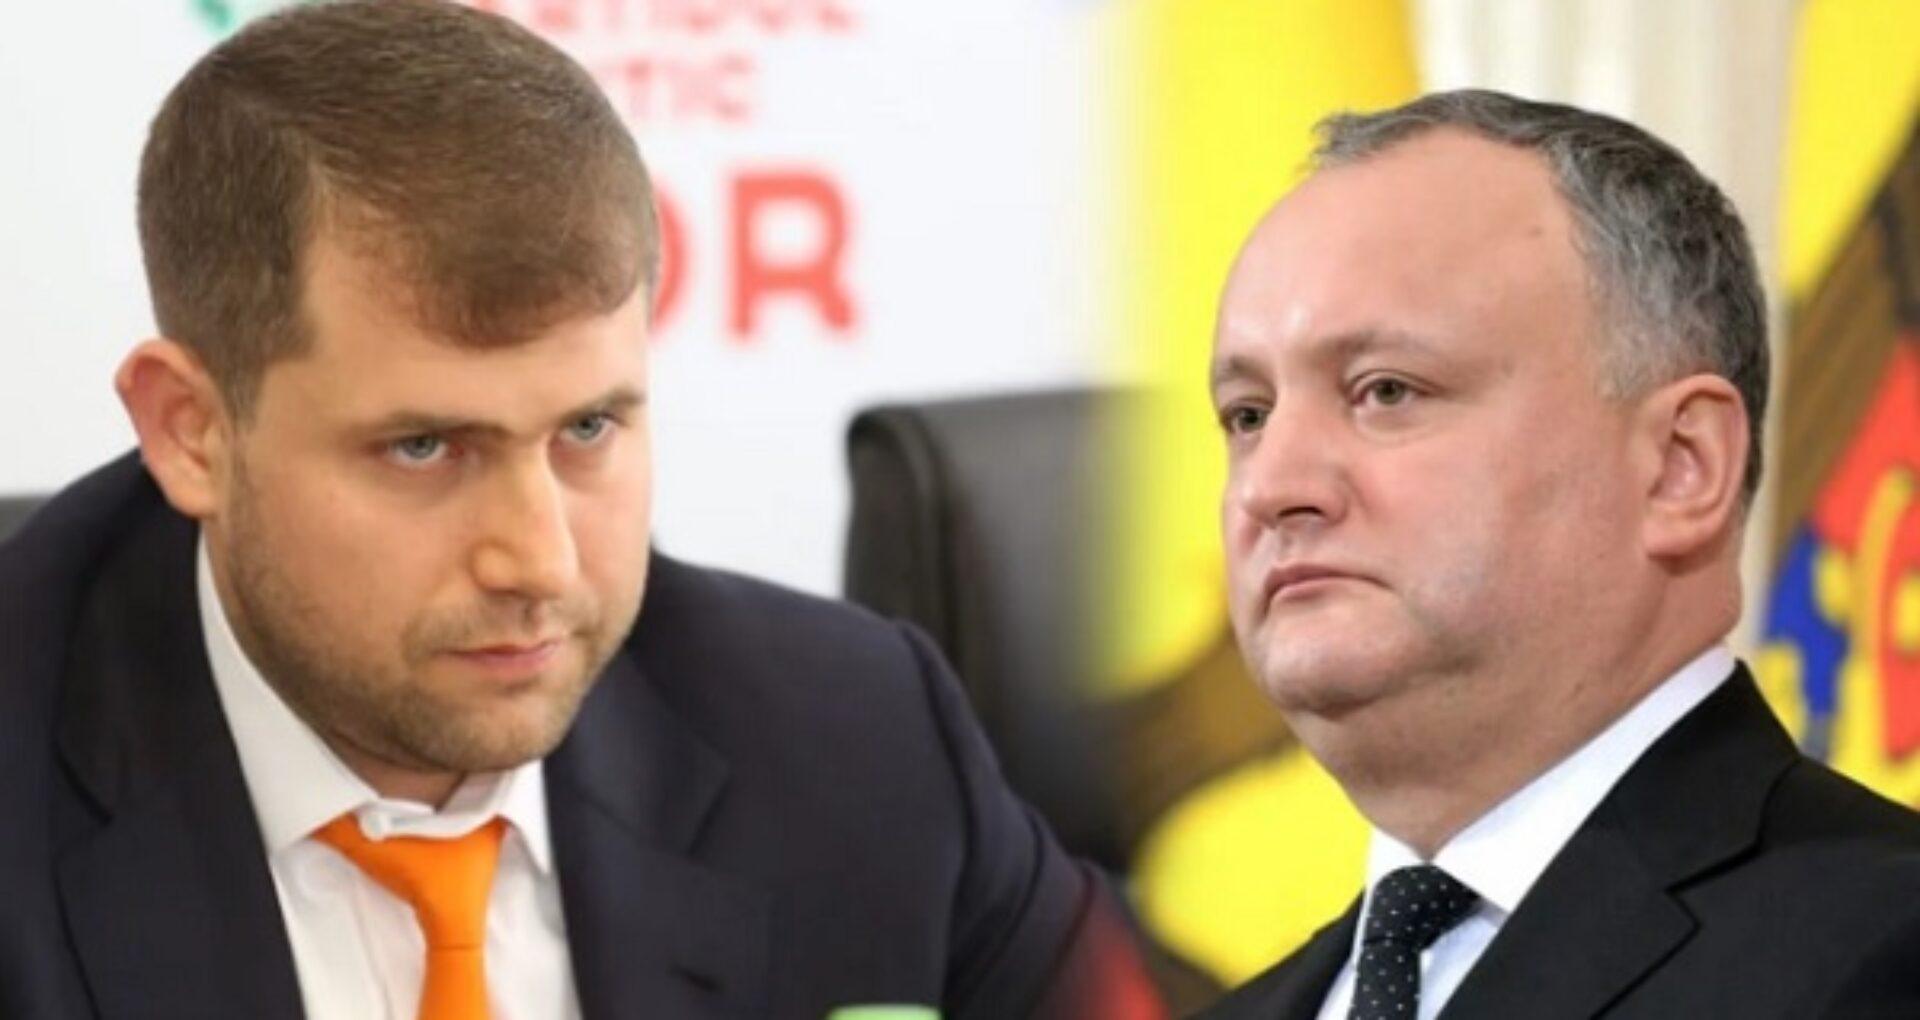 """Vicepreședinte al Parlamentului: """"Între Igor Dodon și Partidul Șor se conturează o eventuală coaliție, iar PDM este deranjat de această posibilă alianță"""""""